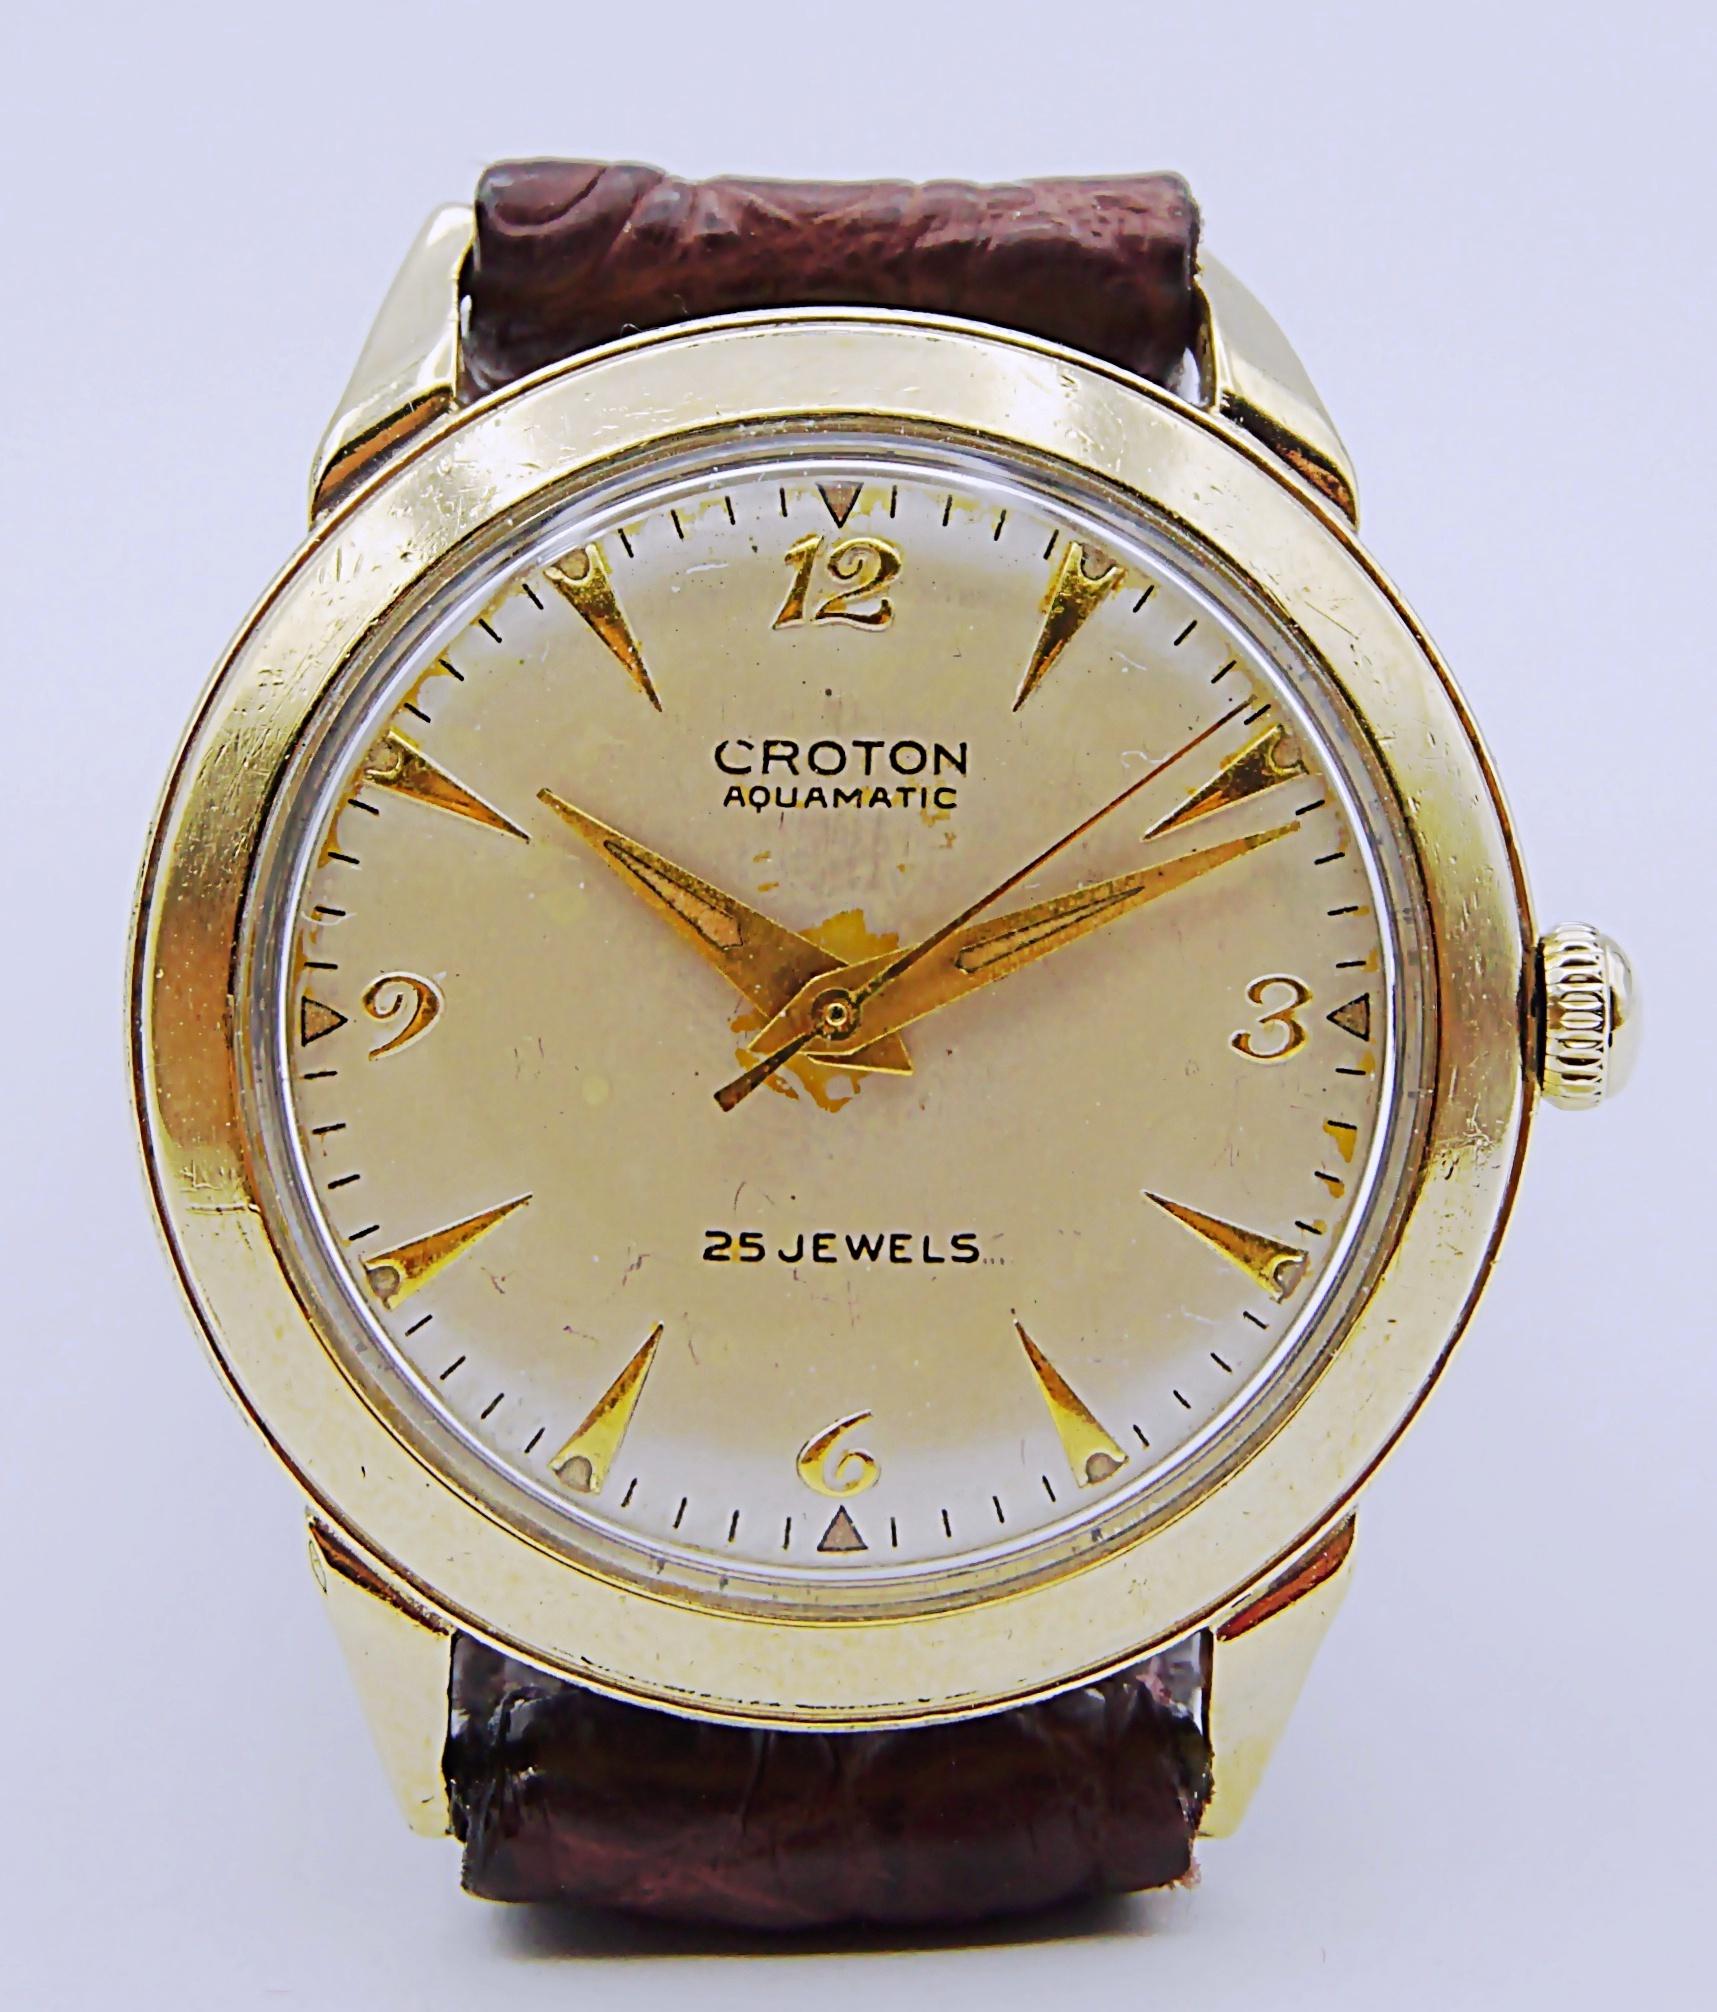 นาฬิกาเก่า CROTON ออโตเมติก